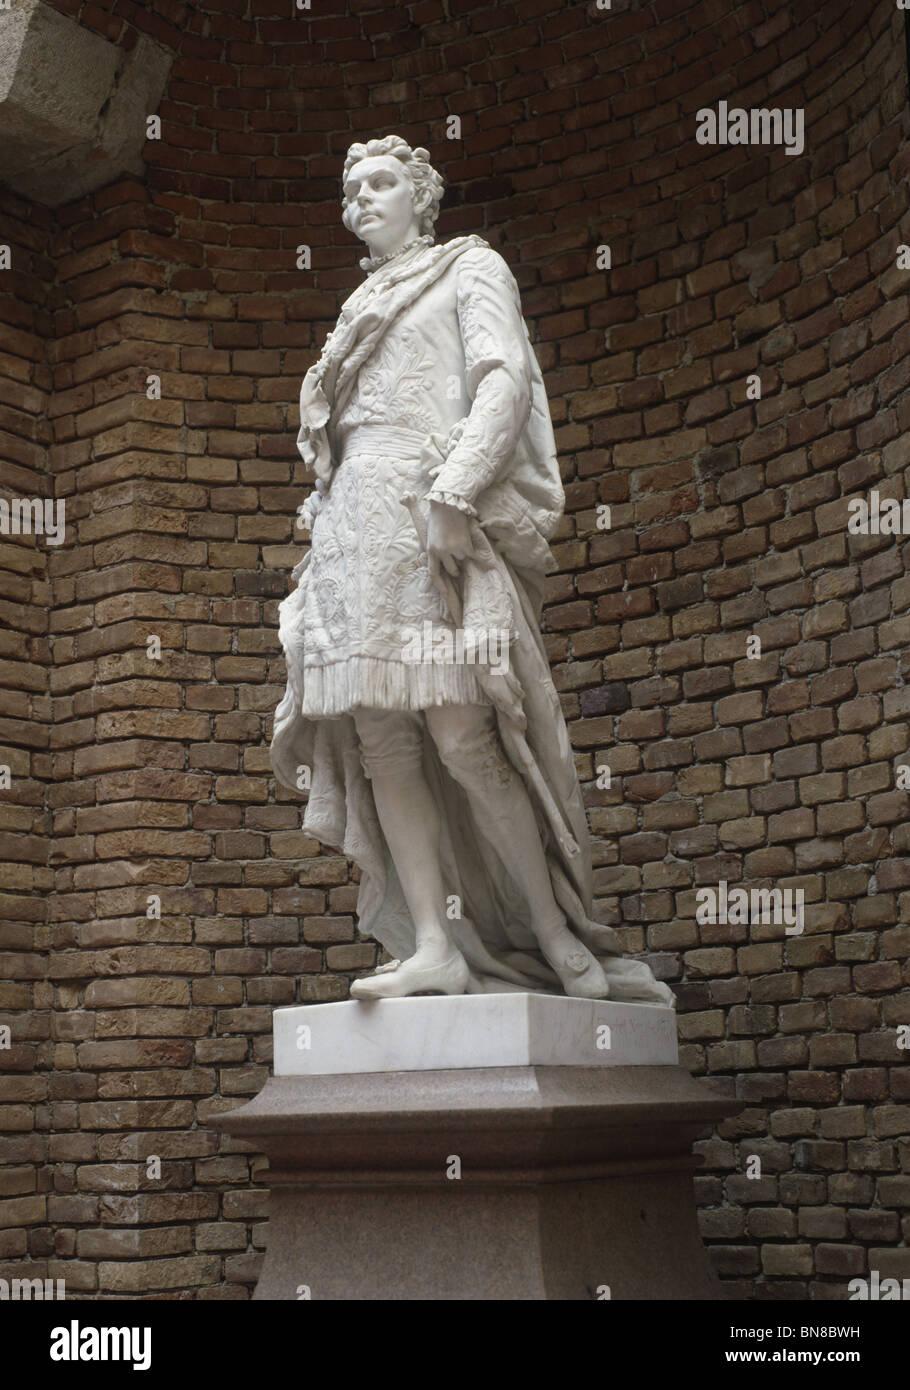 Marble statue of Ludwig II, signed Elisabet Ney 1870, Herrenchiemsee, Bavaria. - Stock Image